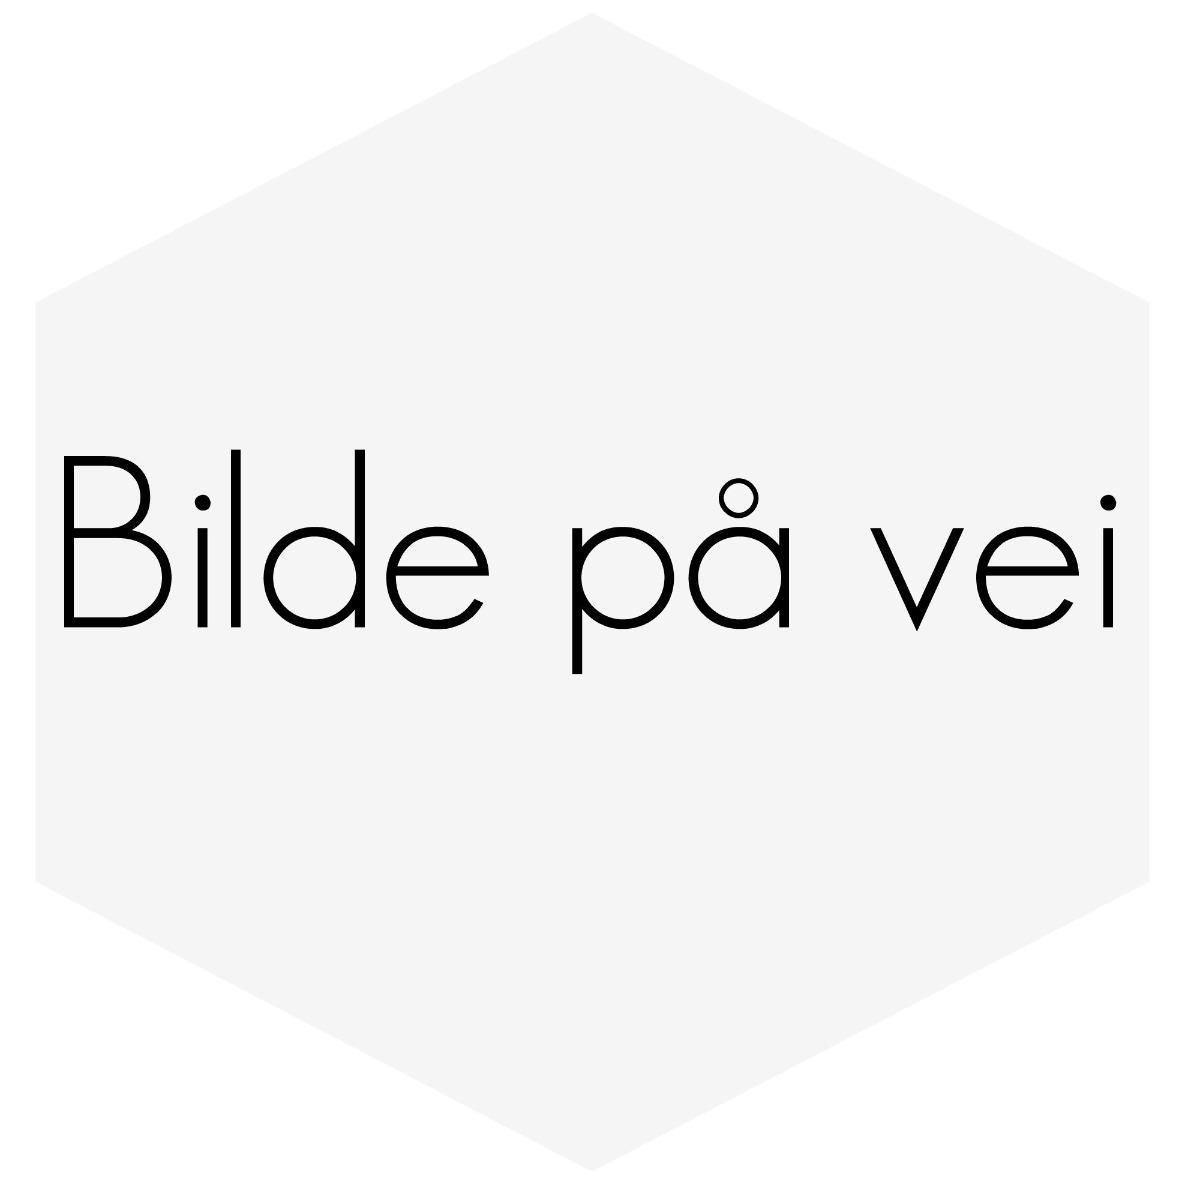 ØYELOKK S/V70-97-00  I CARBON  SETT MED BEGGE SIDER